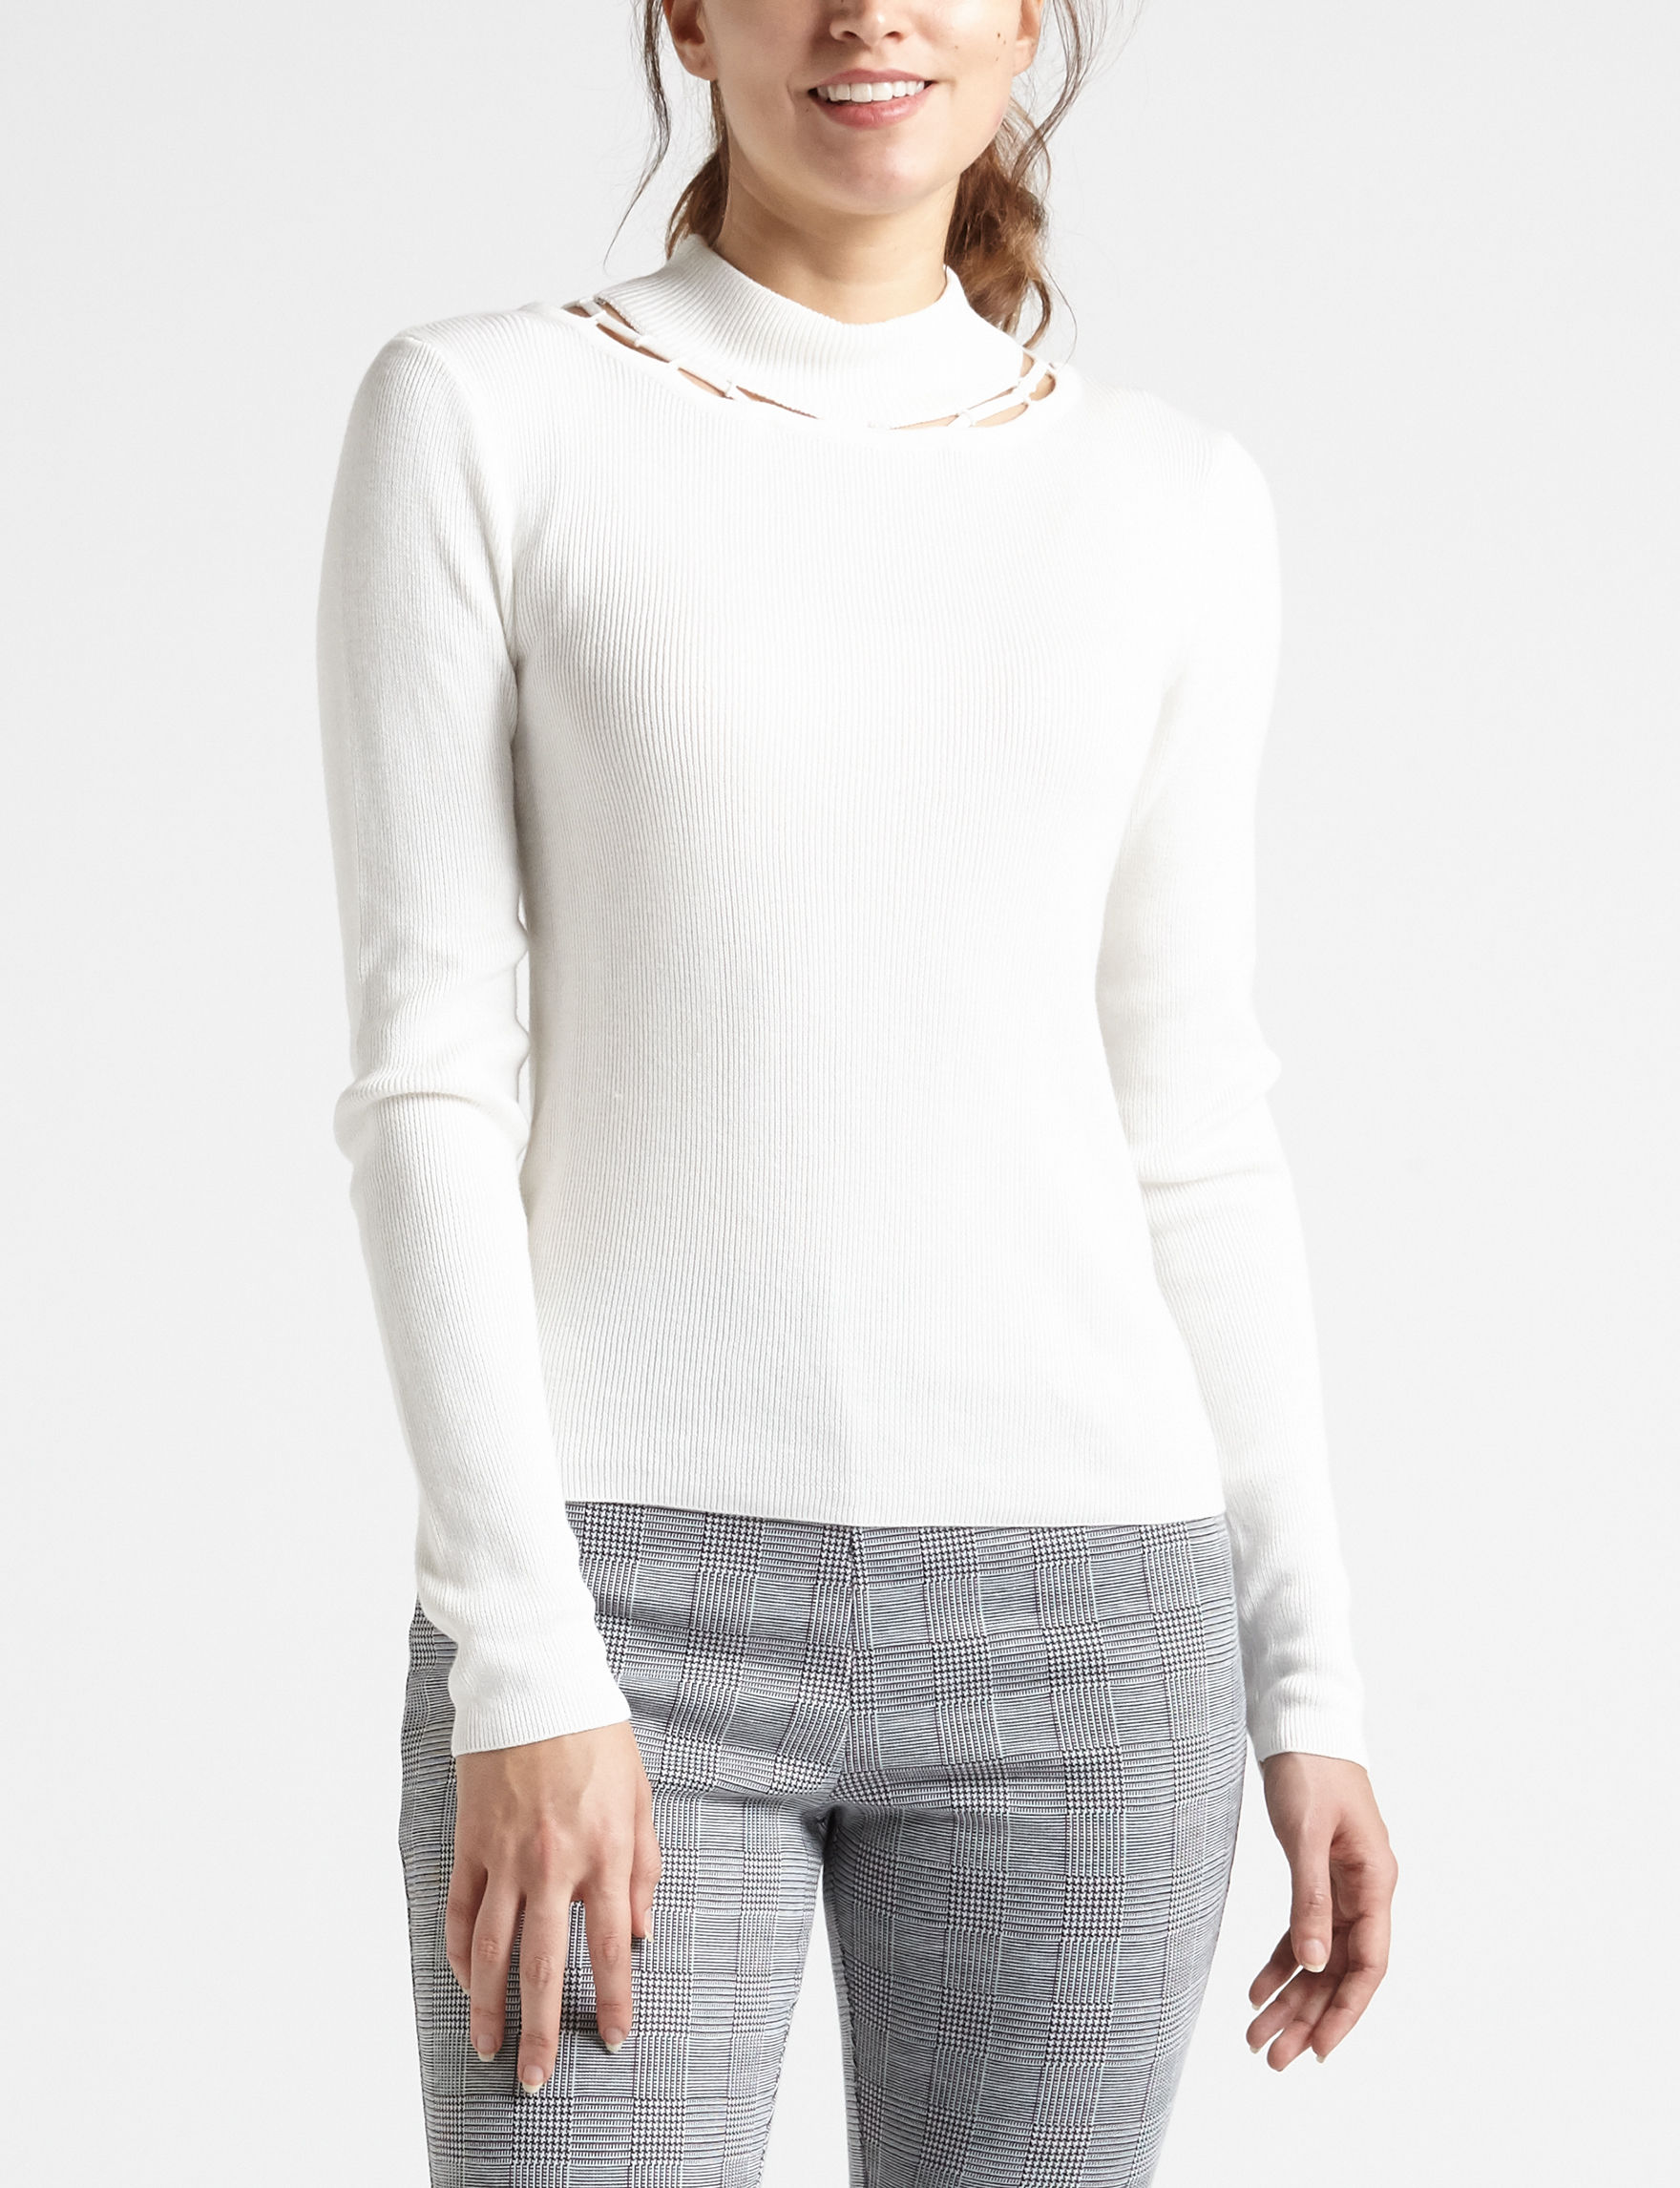 XOXO White Shirts & Blouses